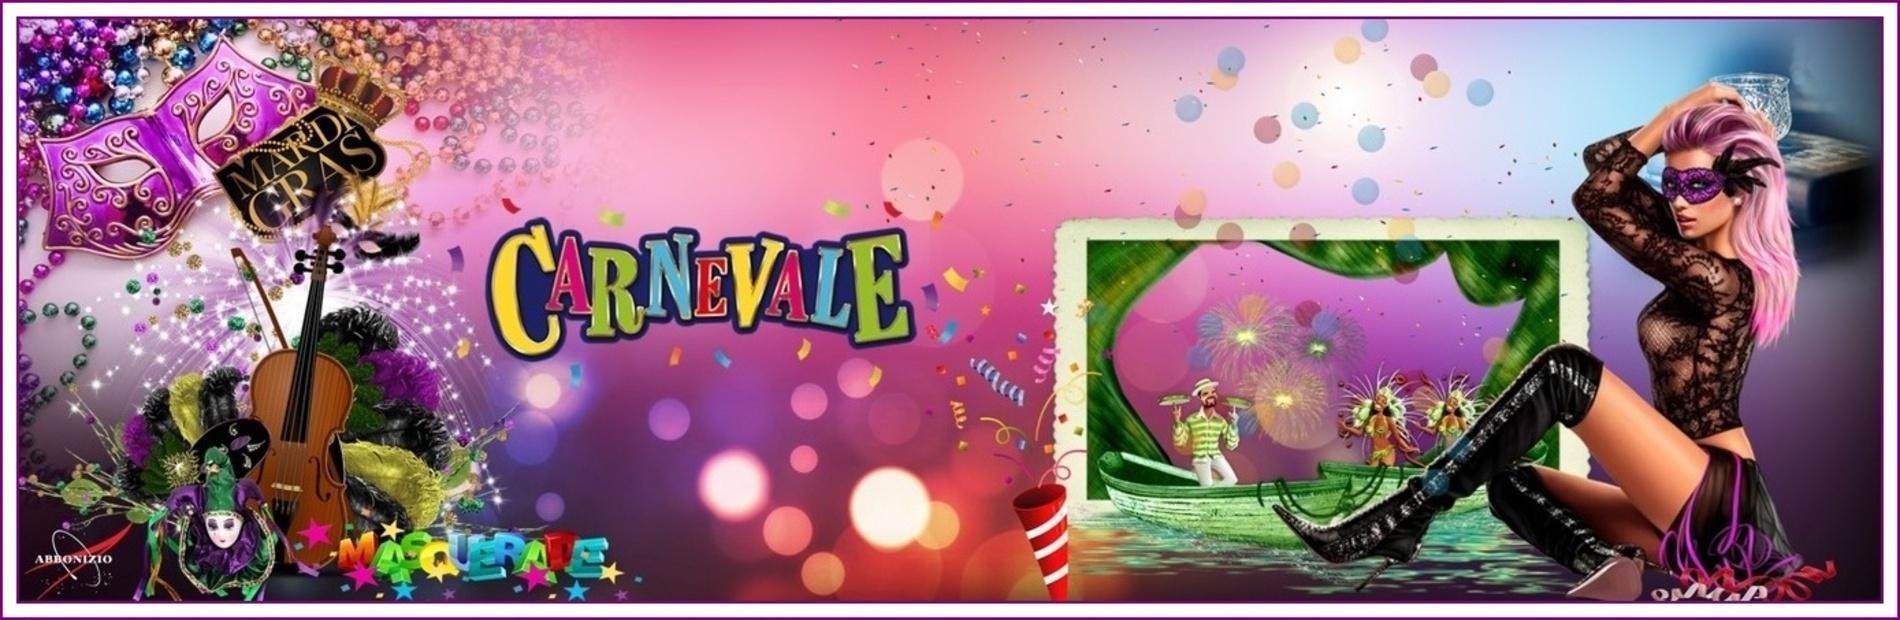 Buon Carnevale♥